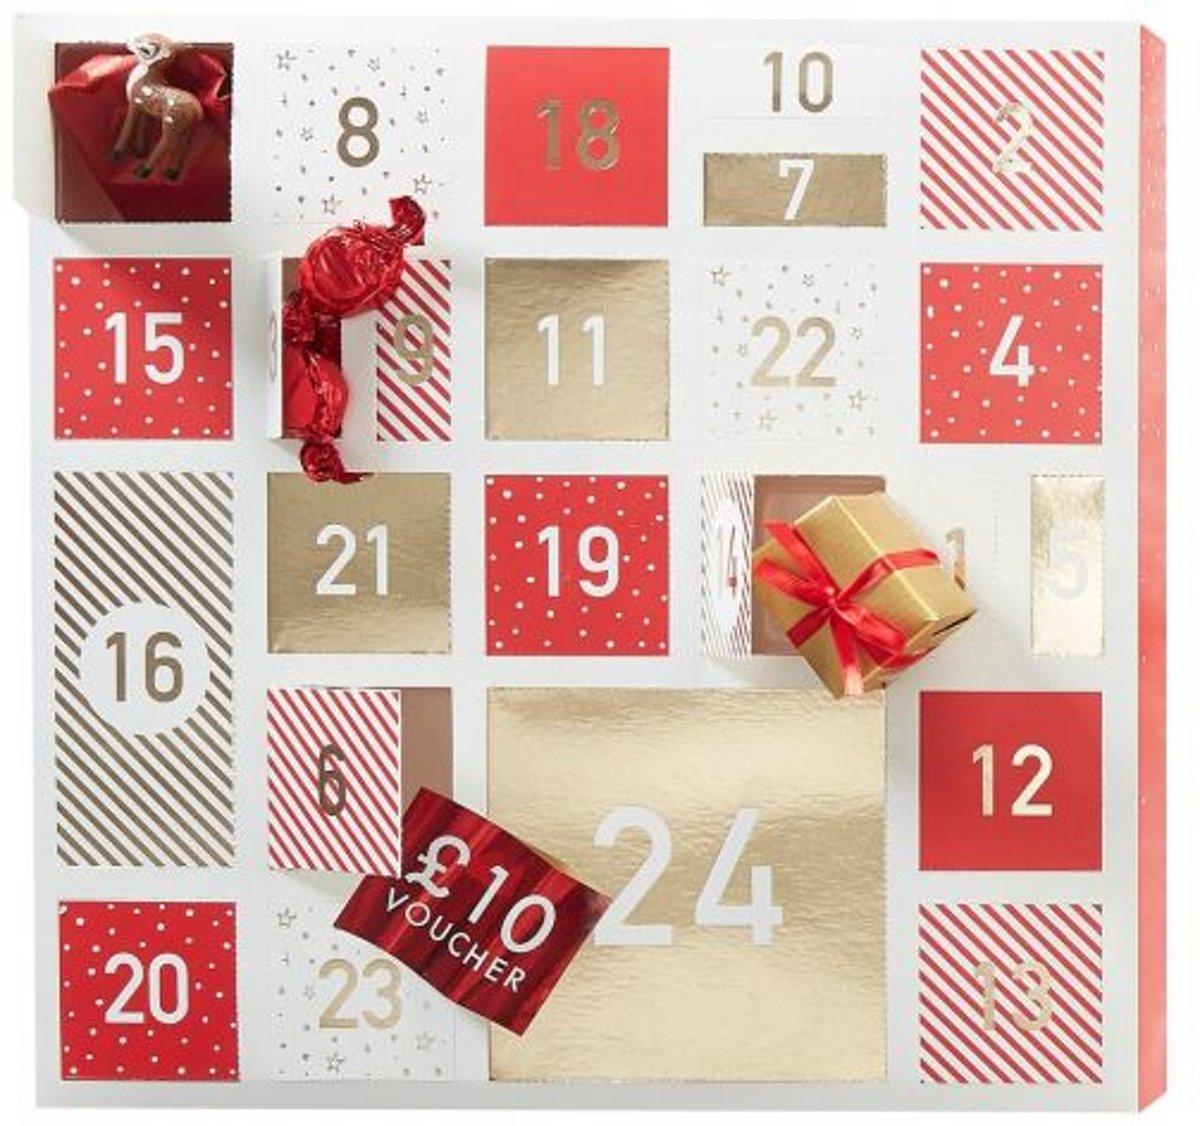 Kerst advent kalender om zelf te vullen kopen